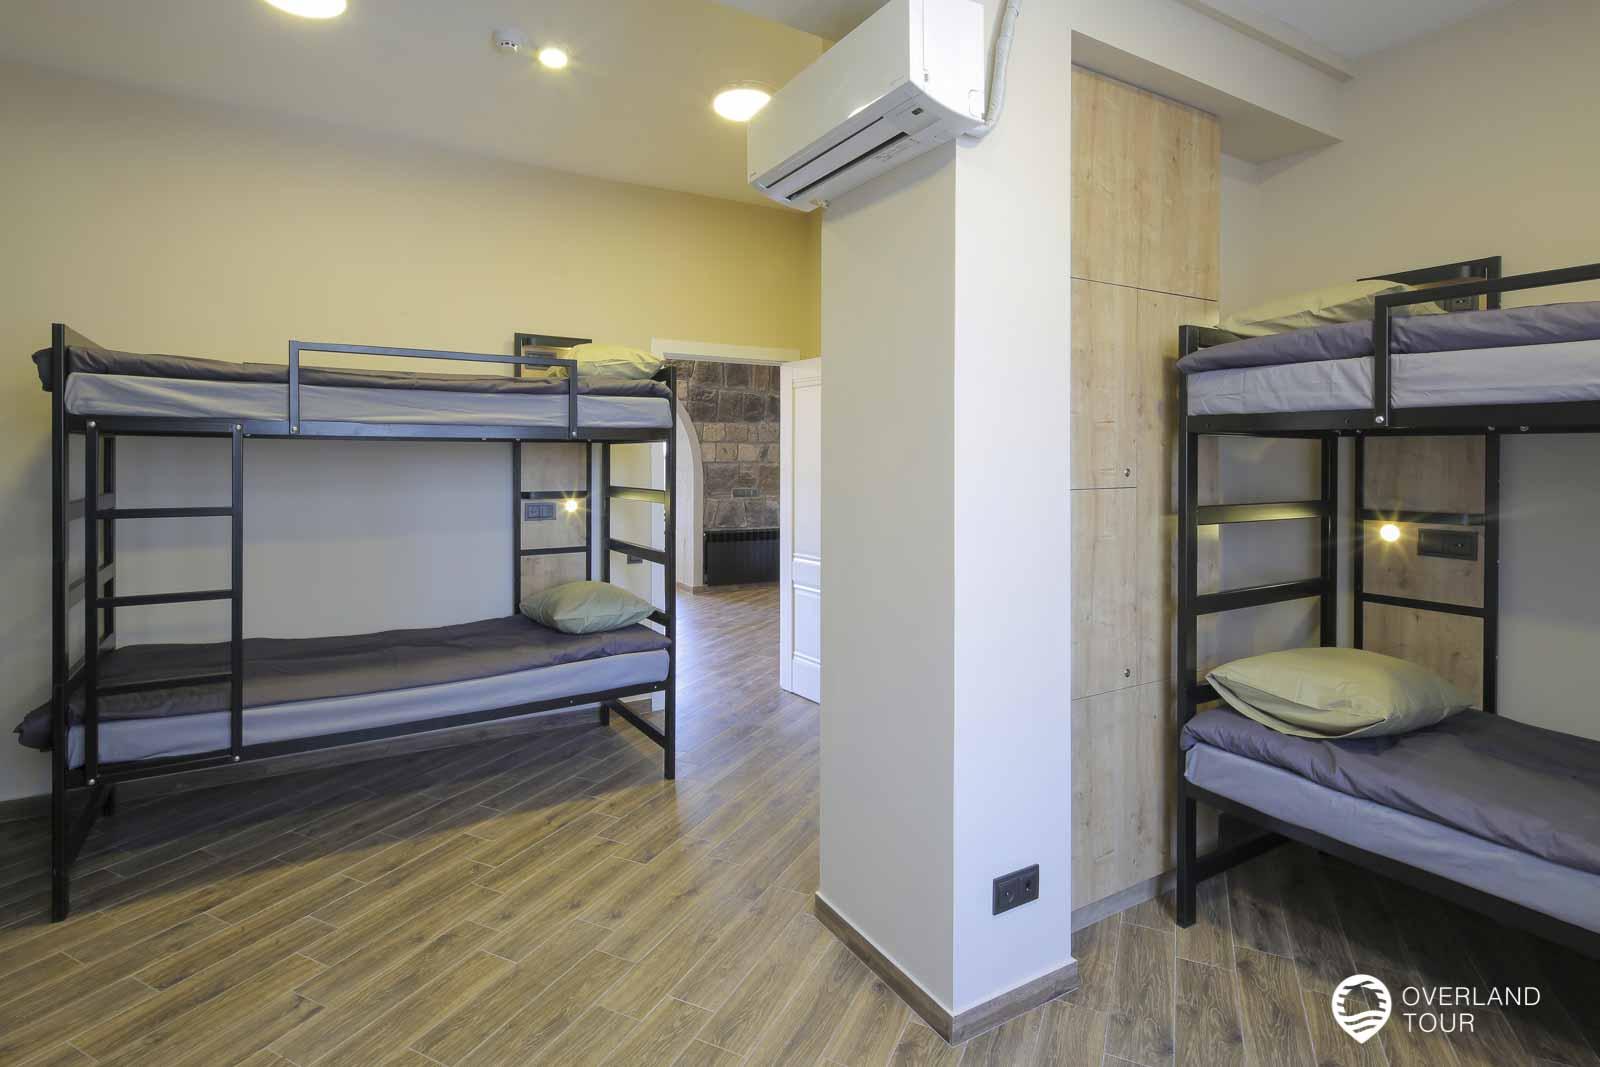 Das Drom im hostel ist super große und so fällt es auch nicht auf, das bis zu 8 Personen hier übernachten können. Auch gibt es für jedes Bett einen Locker